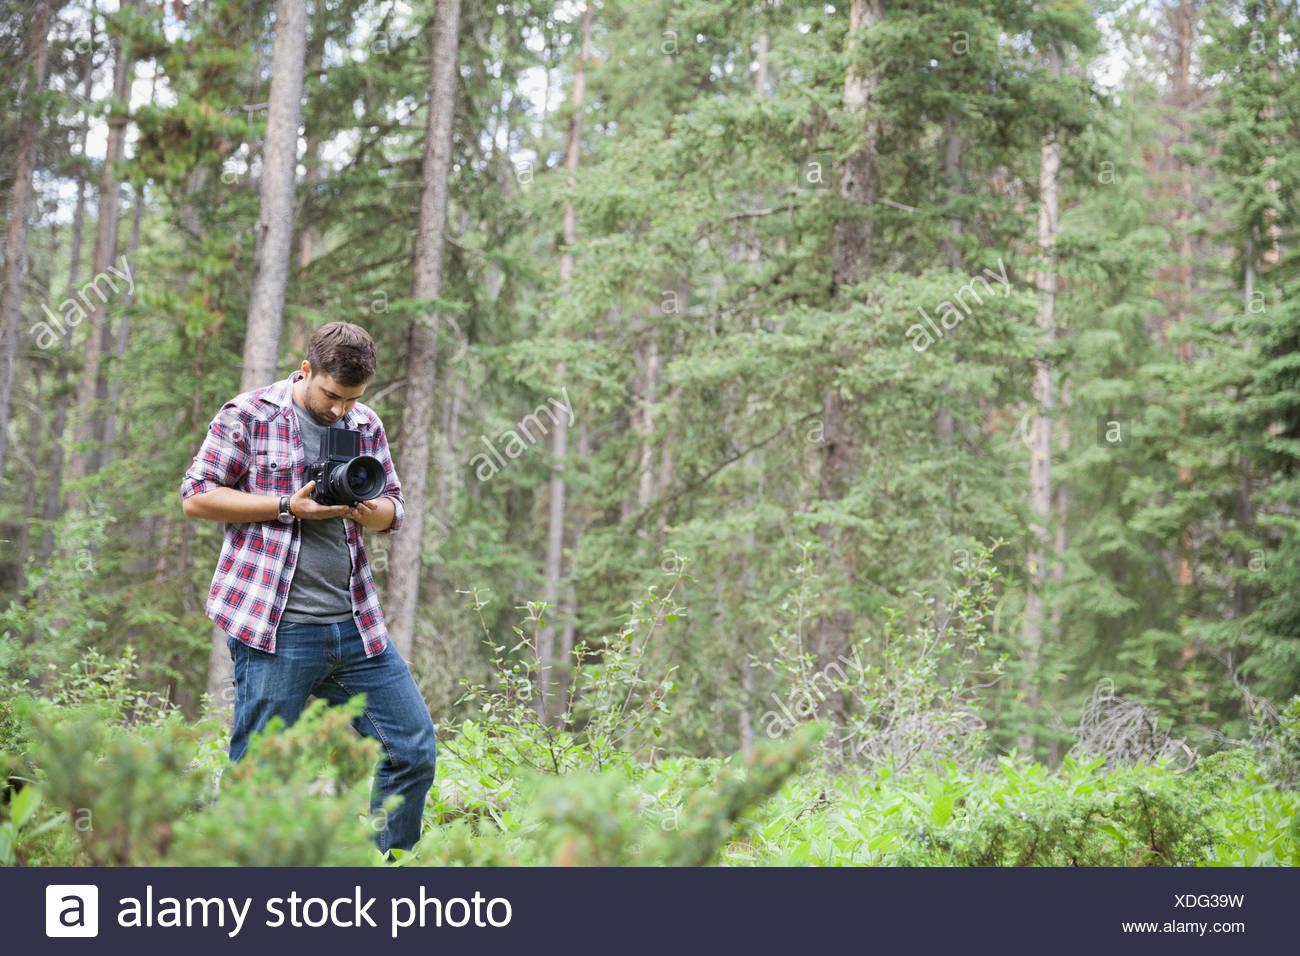 Männlichen Fotografen mit einer SLR-Kamera im freien Stockbild